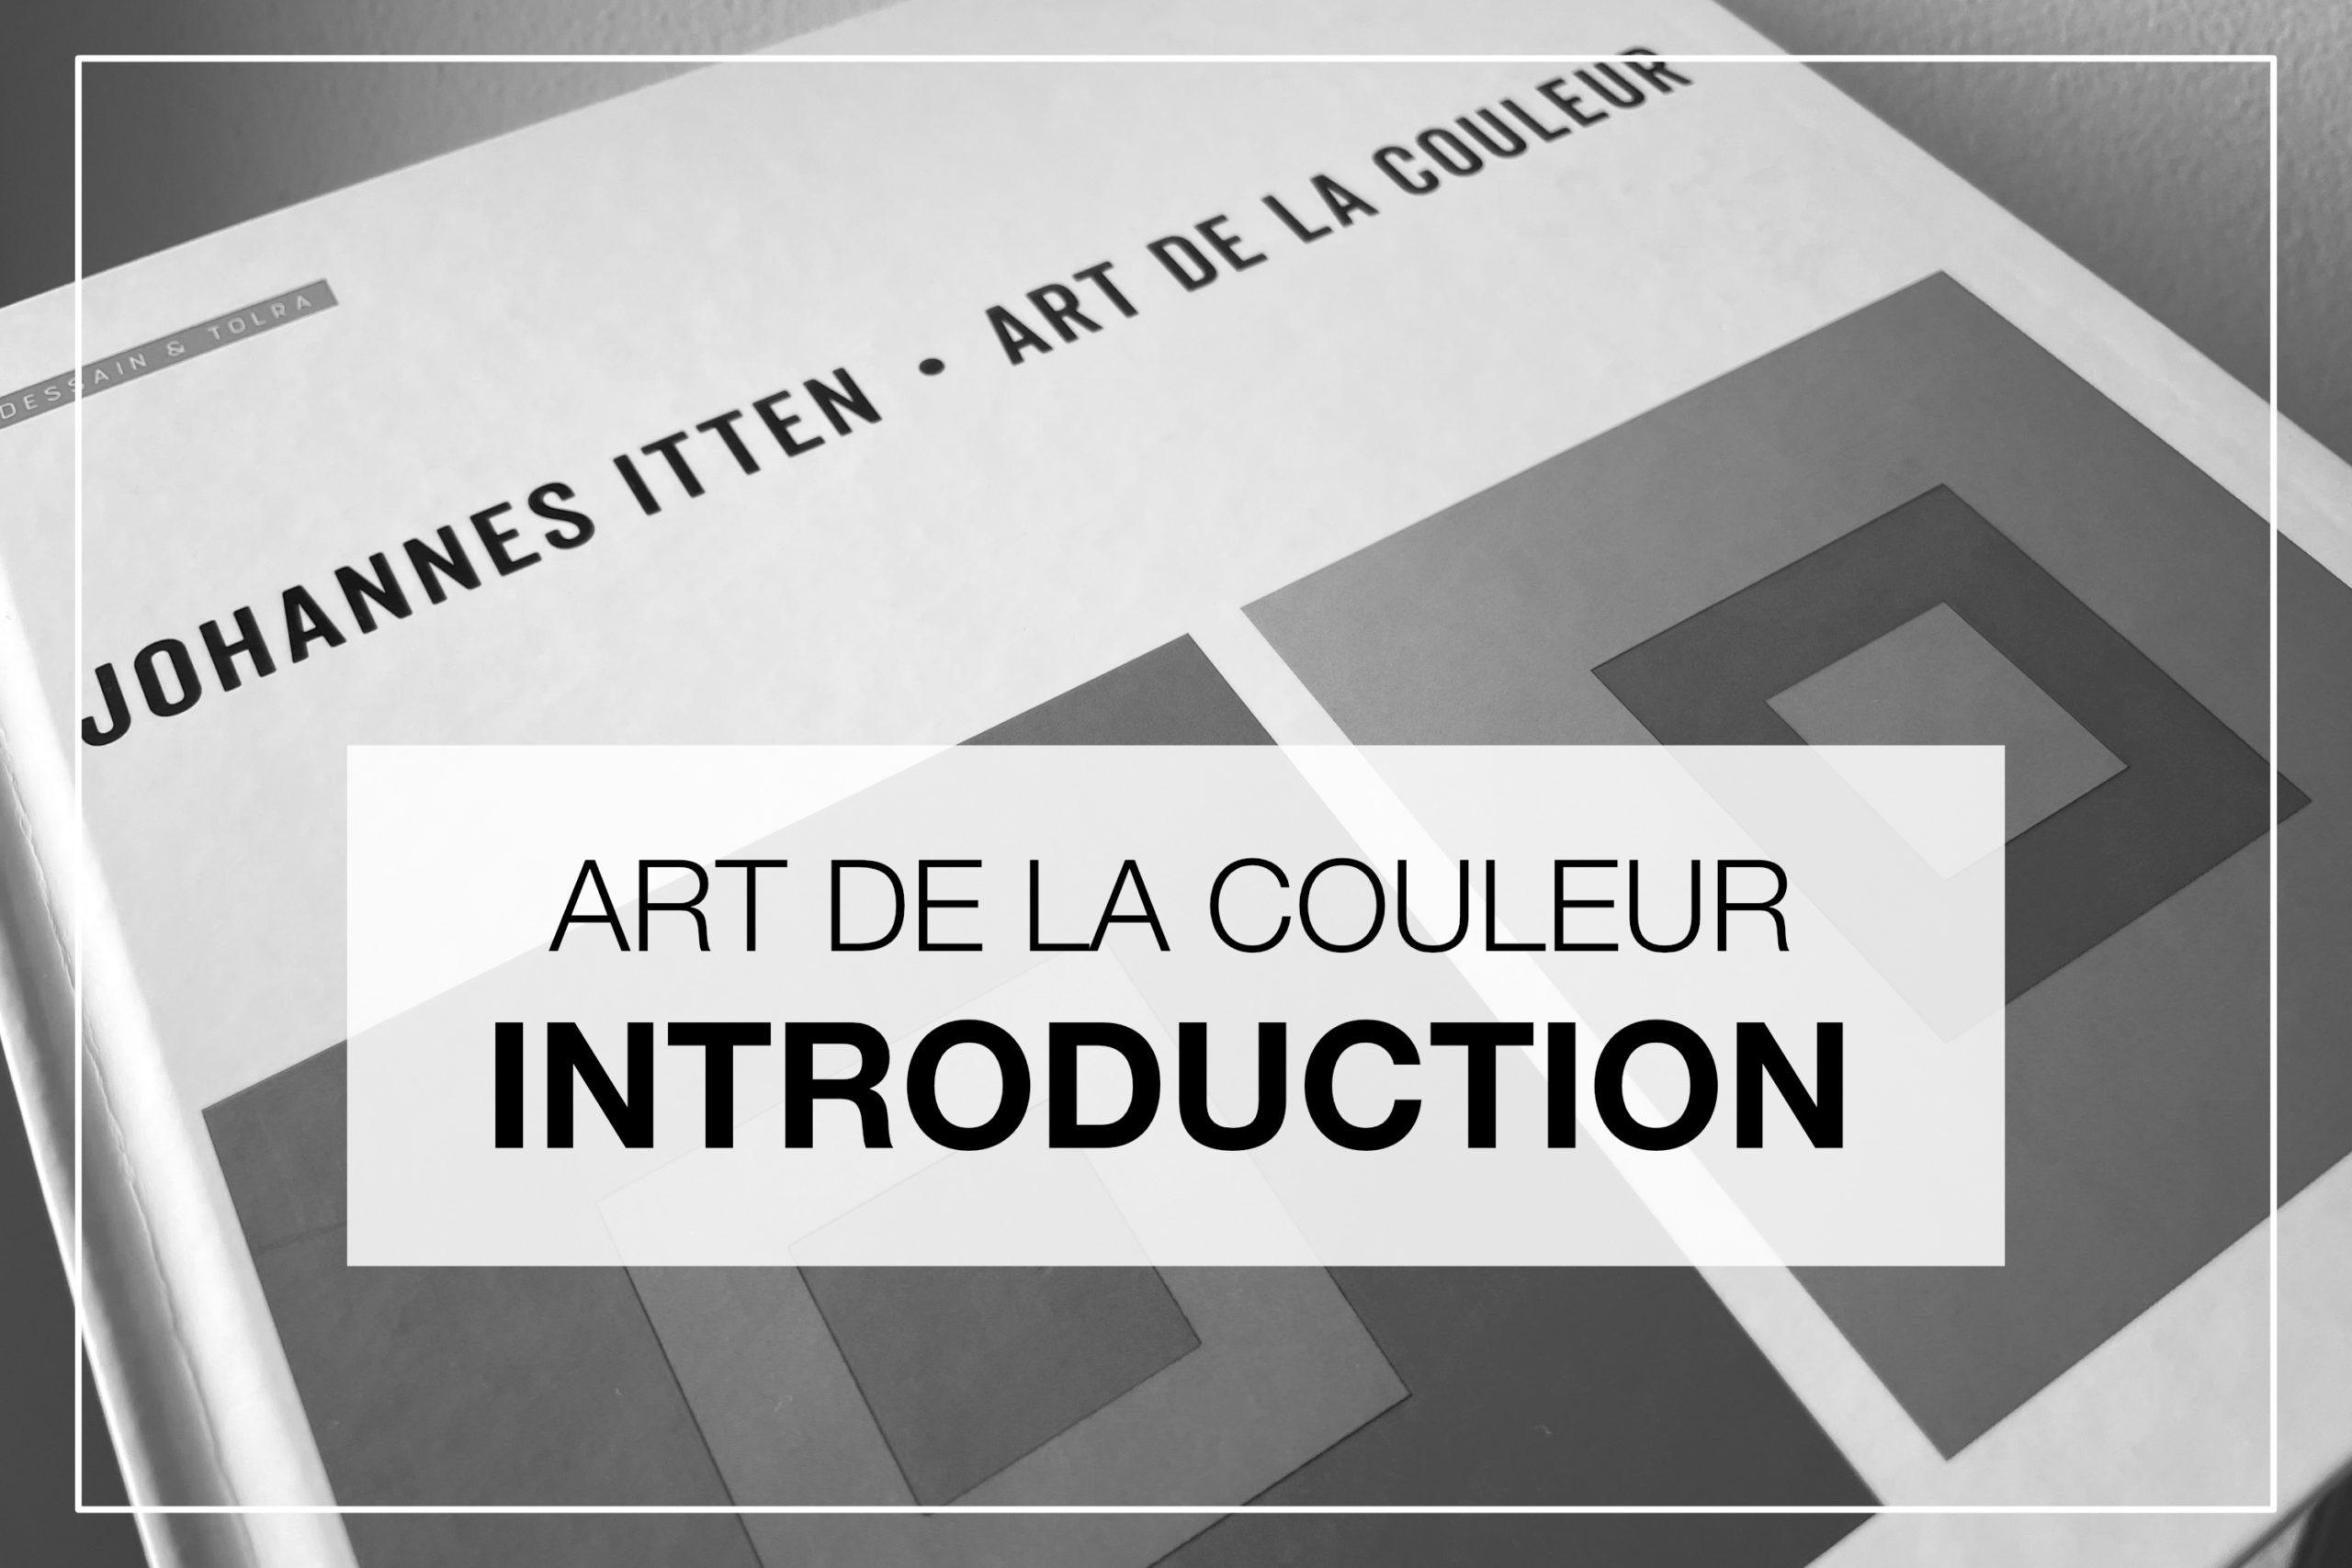 Cover Article - Art de la couleur Introduction